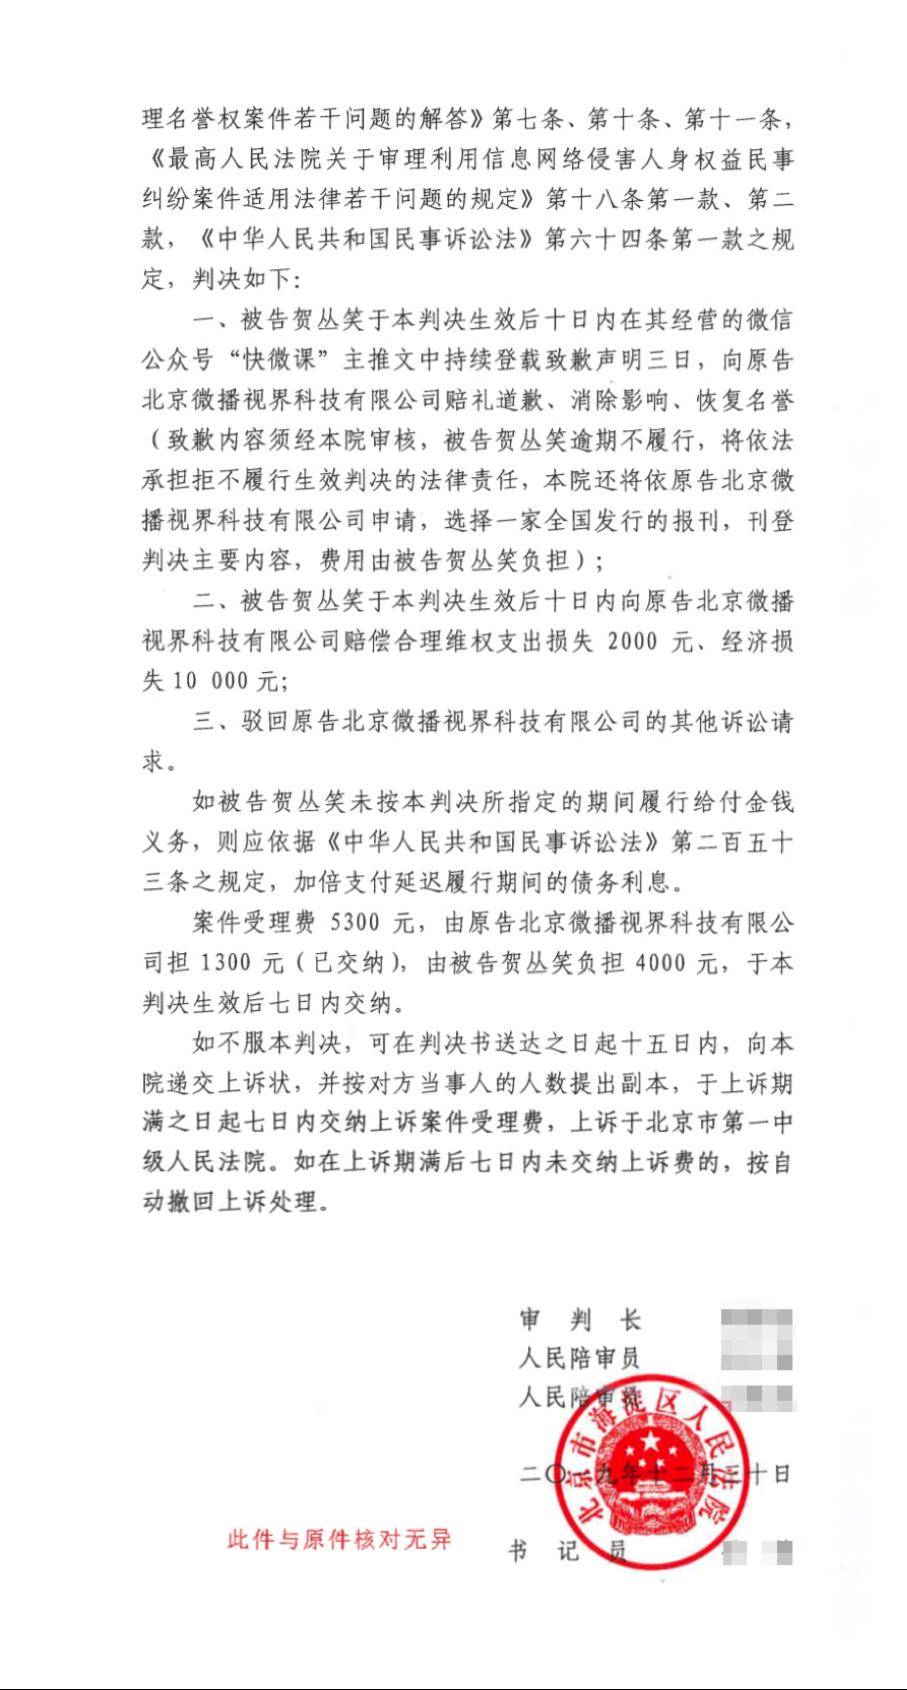 """抖音起诉微信公众号""""快微课""""一审胜诉,后者被判刊登致歉声明"""